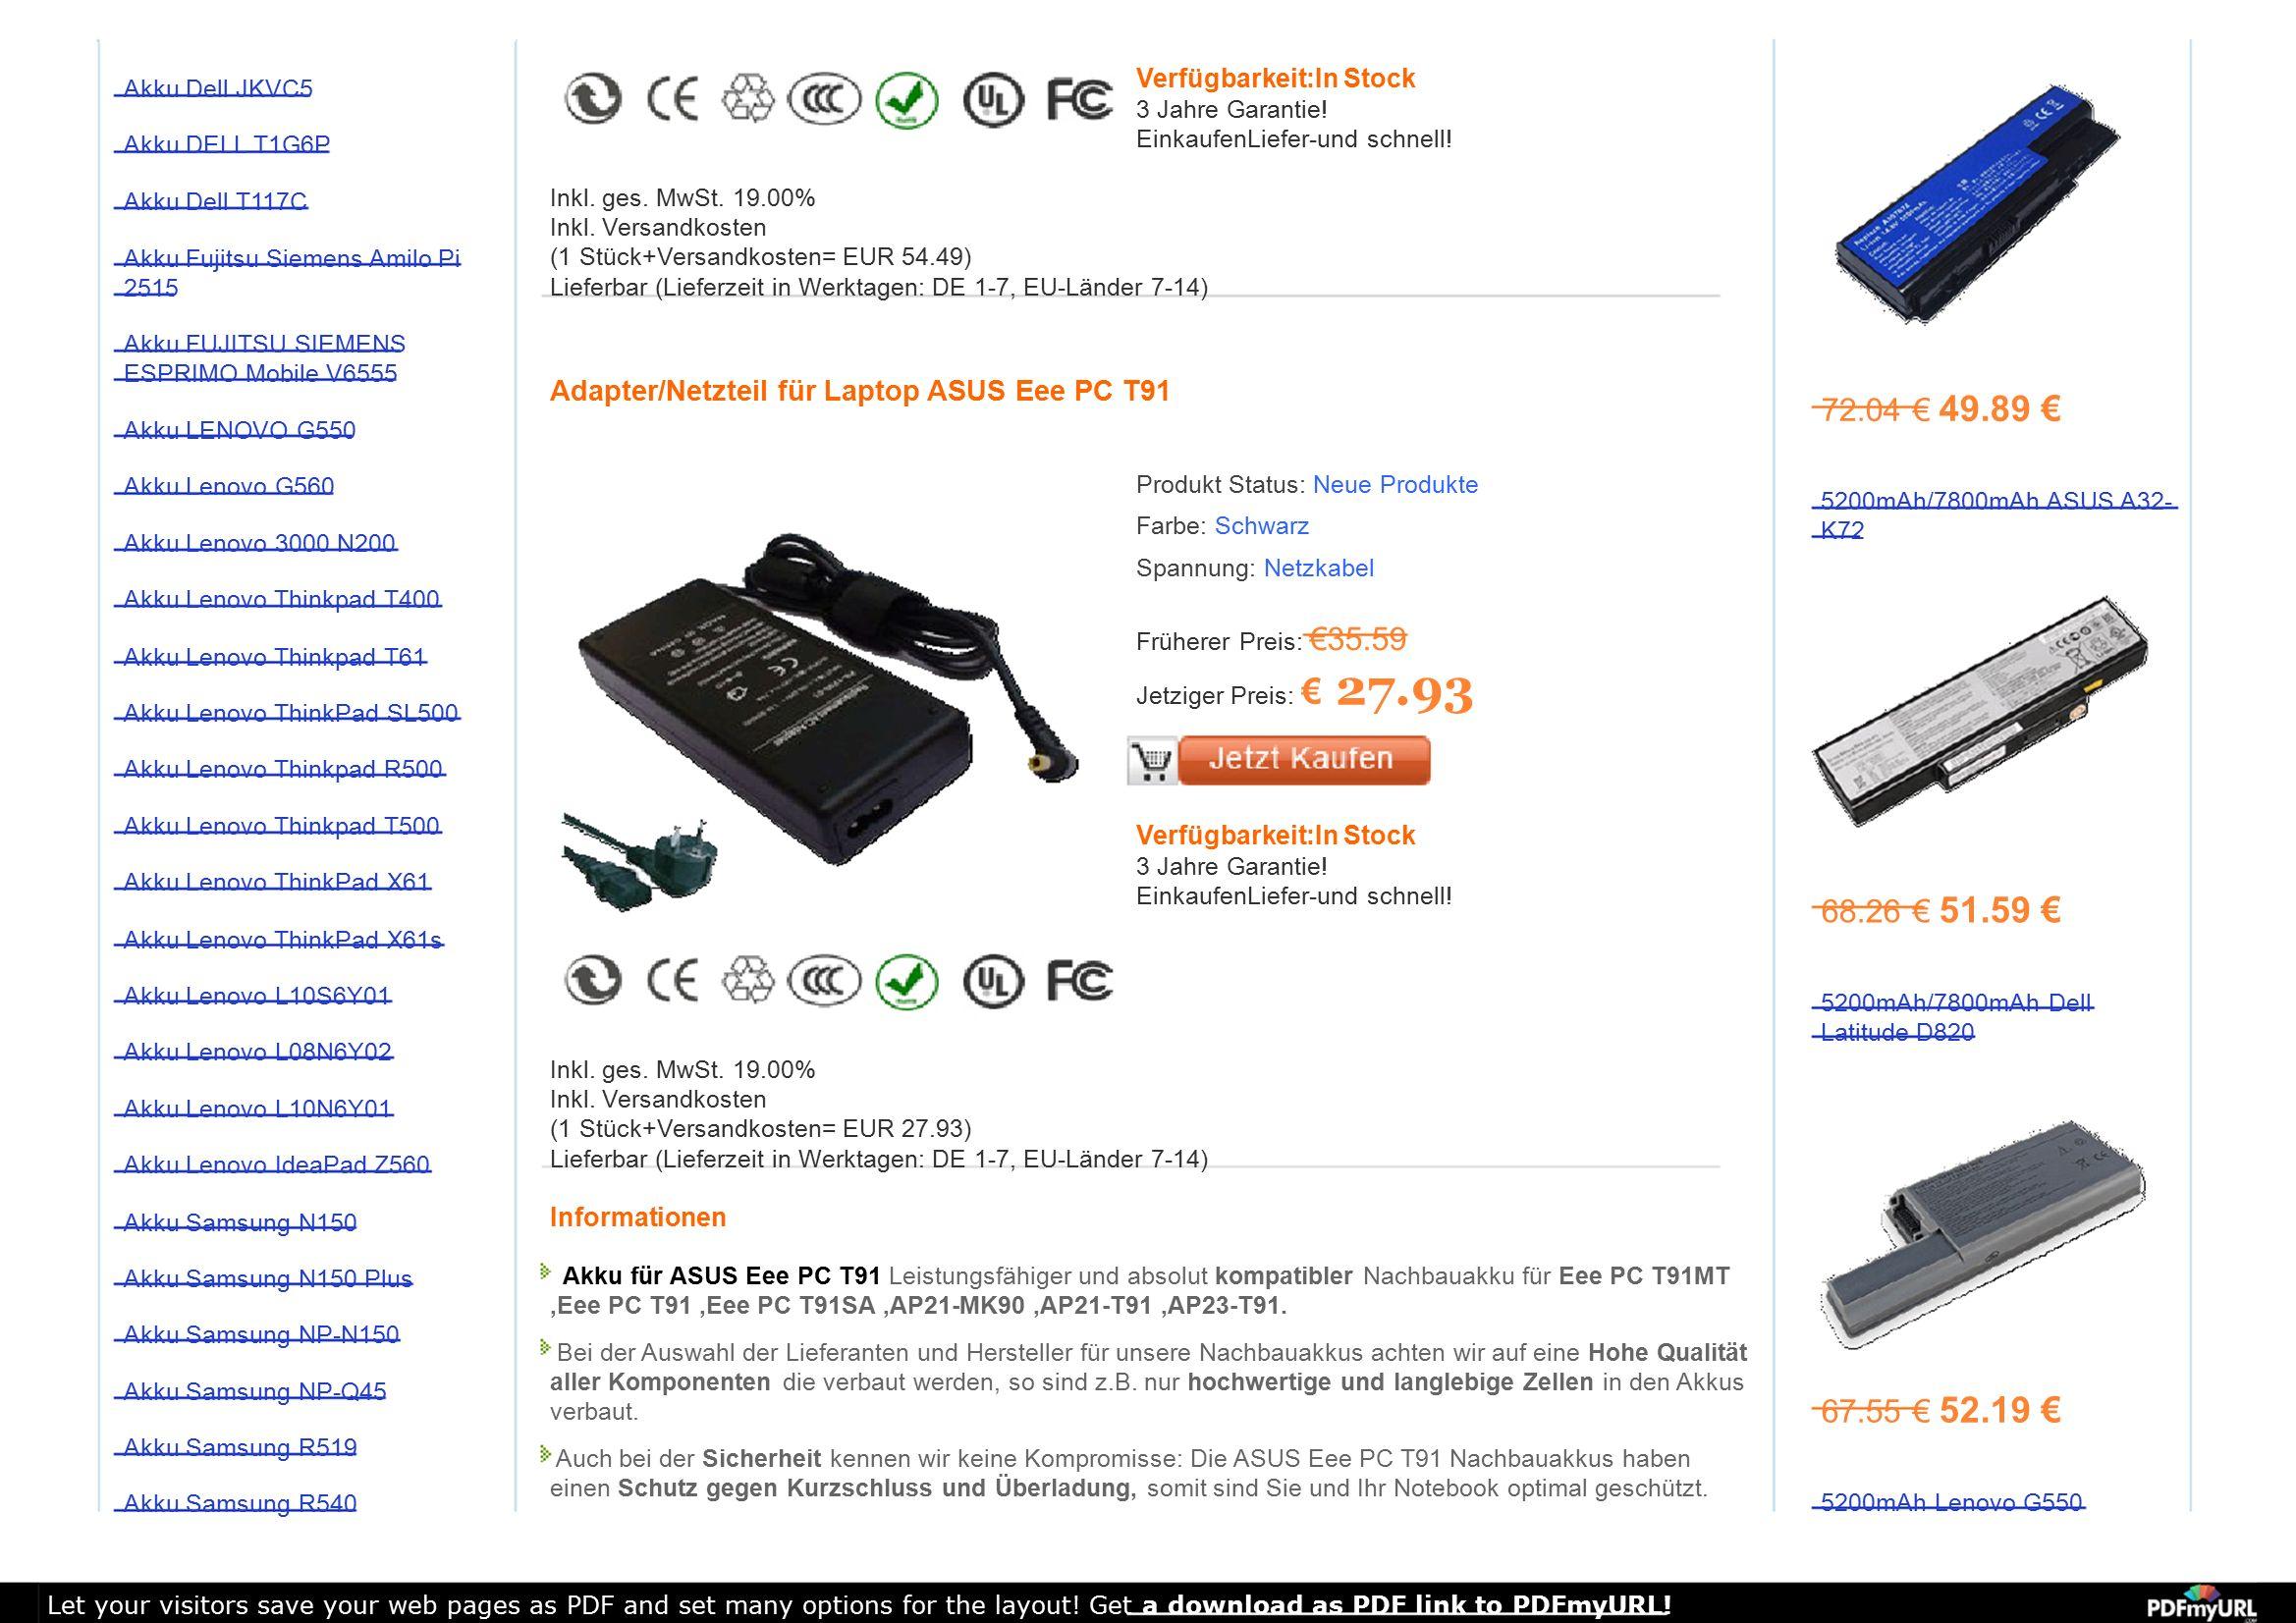 Akku Dell JKVC5 Akku DELL T1G6P Akku Dell T117C Akku Fujitsu Siemens Amilo Pi 2515 Akku FUJITSU SIEMENS ESPRIMO Mobile V6555 Akku LENOVO G550 Akku Len